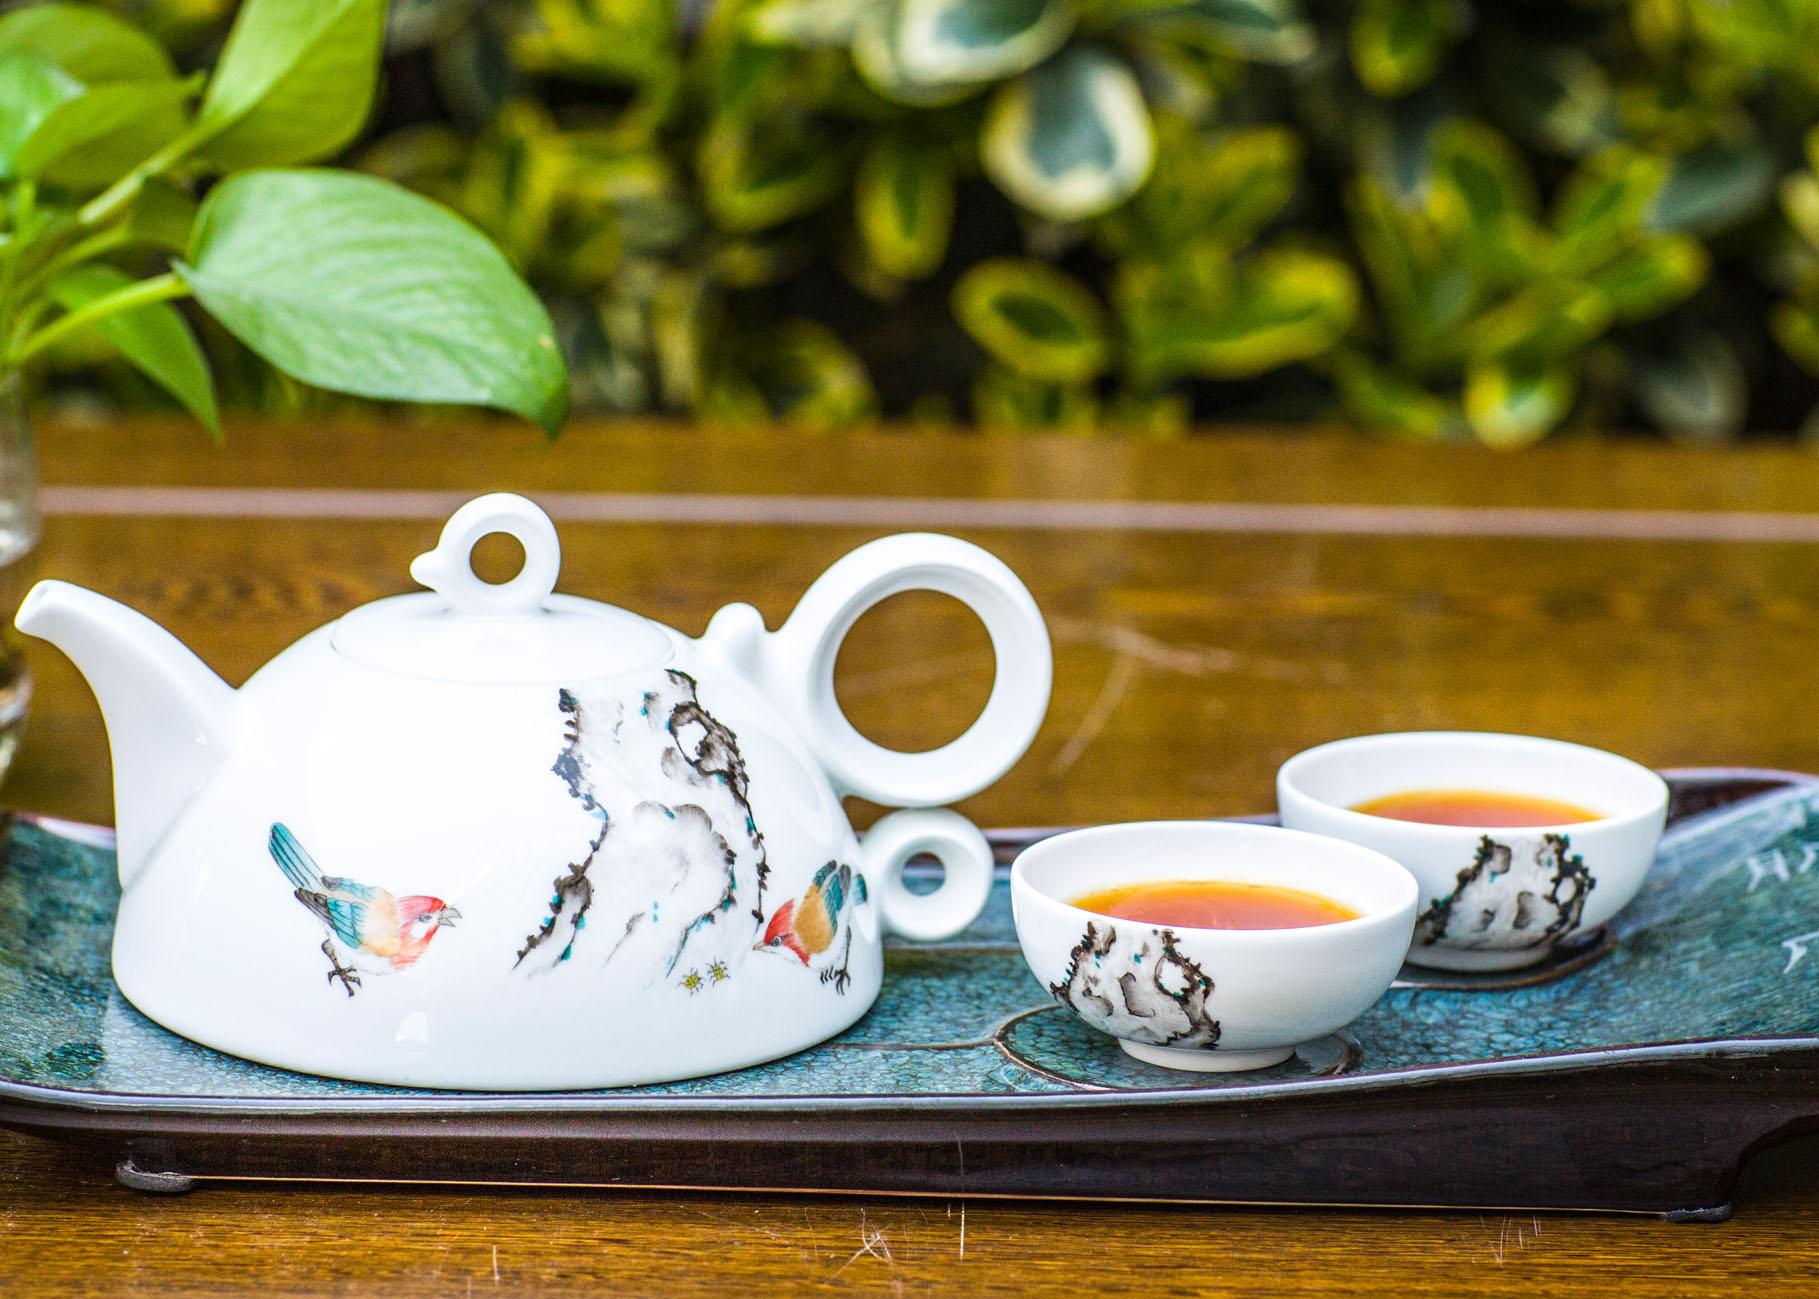 以器兴茶,传播中国的陶瓷茶具文化